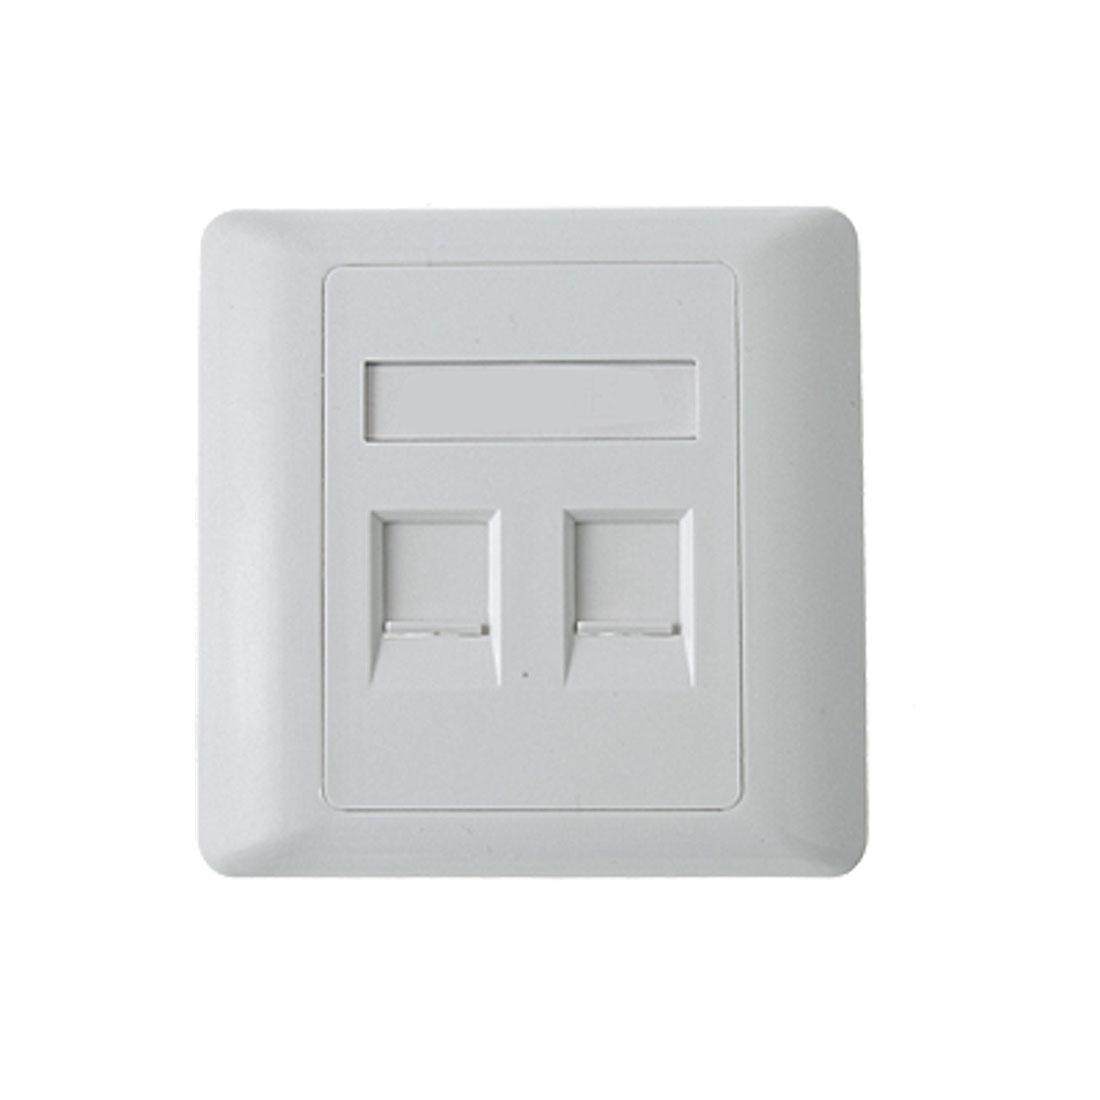 Home White RJ45 RJ11 2 Sokcets Plastic Square Panel